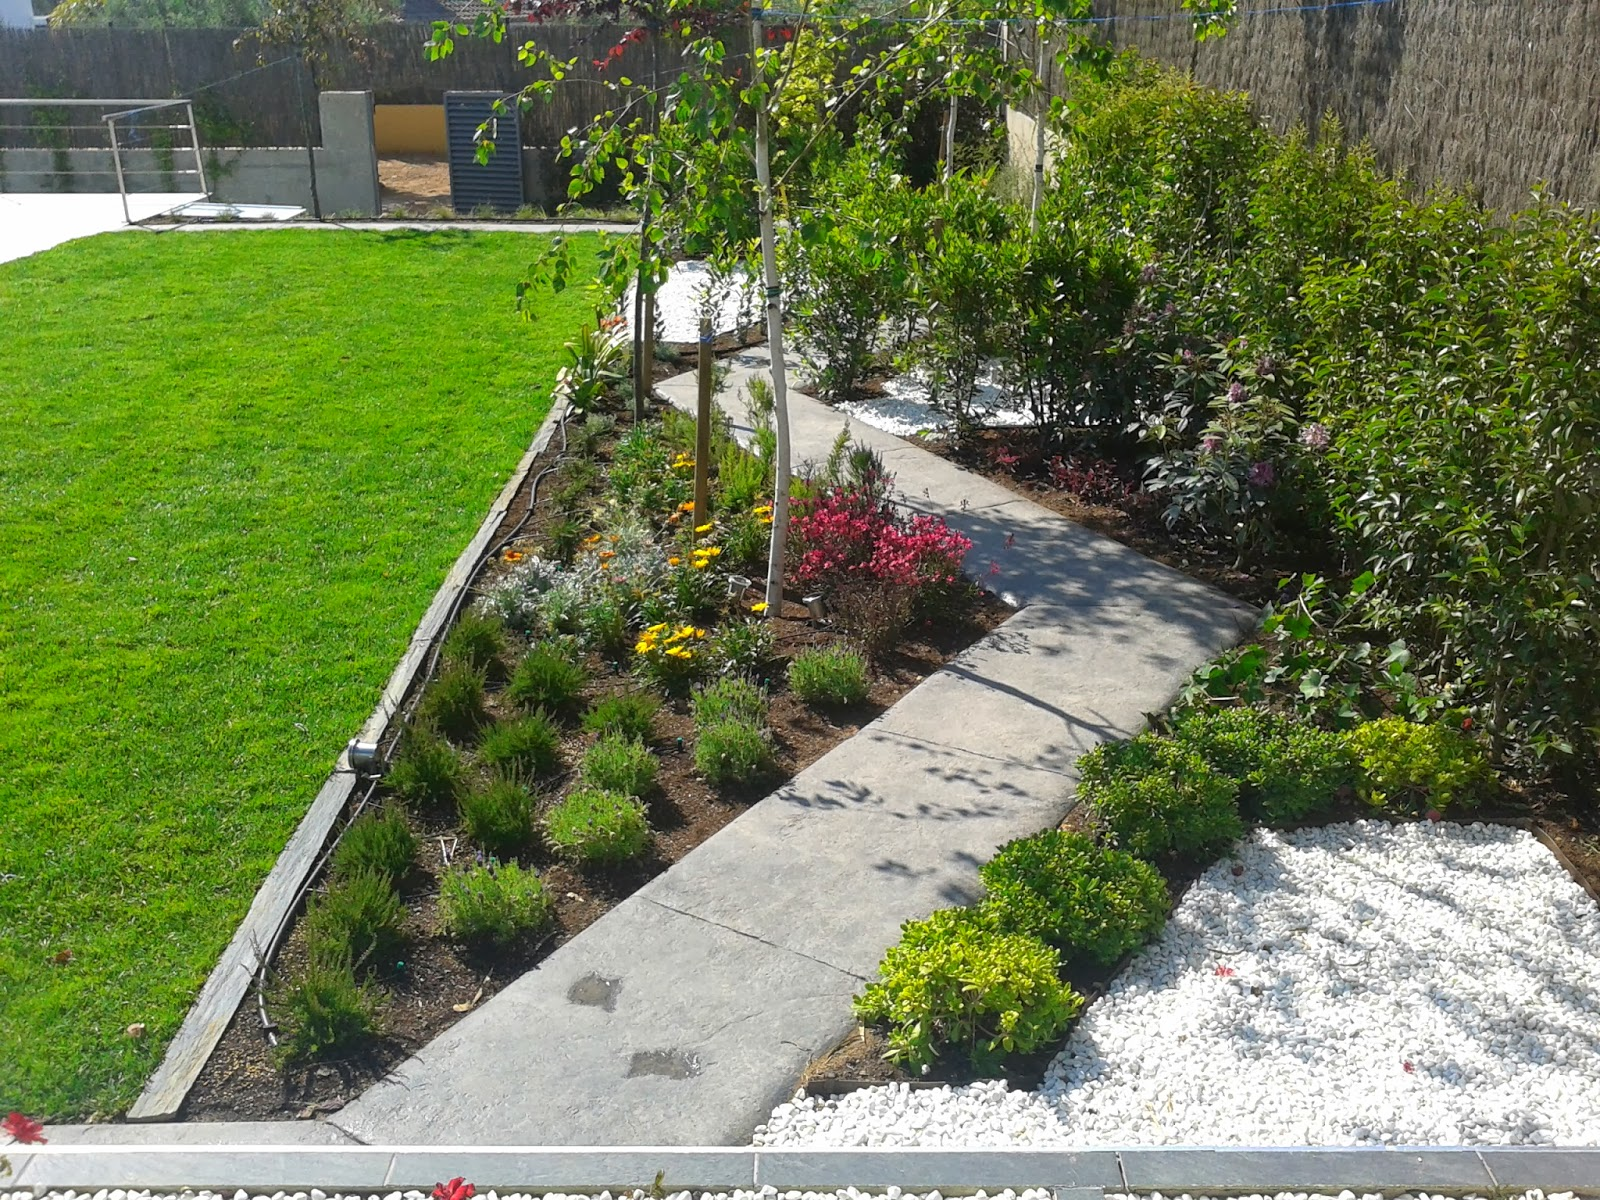 Sendero de hormig n impreso en jardin pavimentos for Pavimentos de jardin